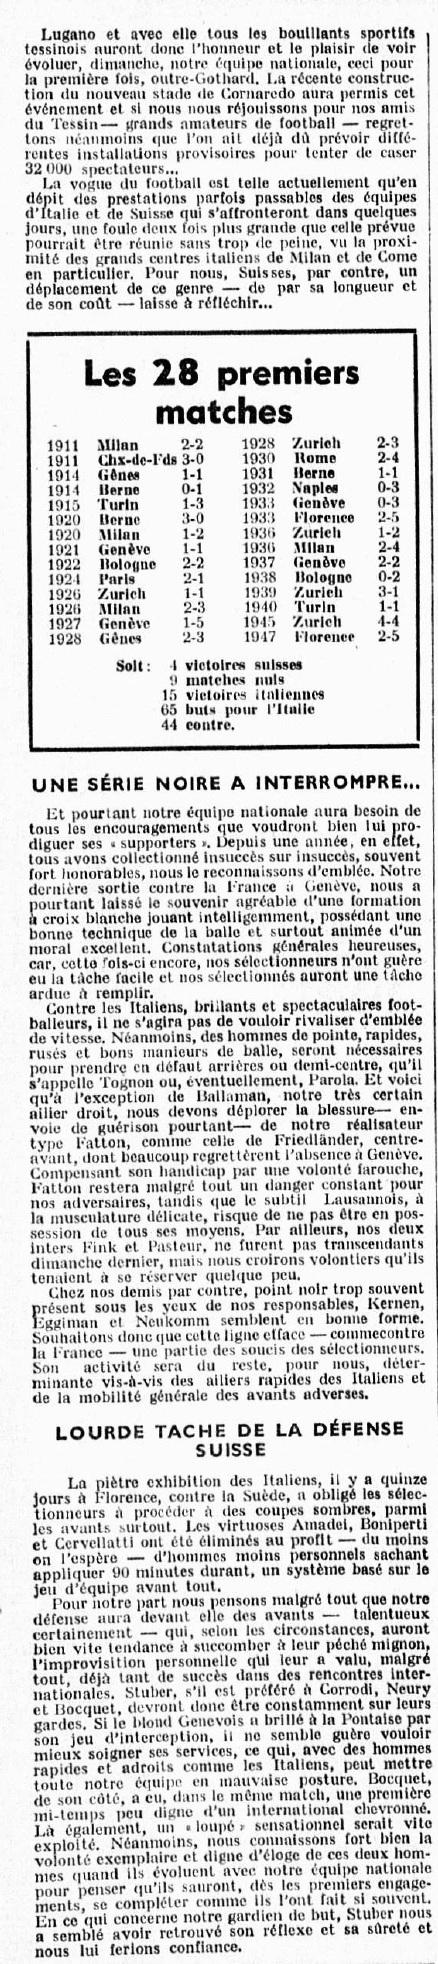 22.11.1951.jpg-1.jpg